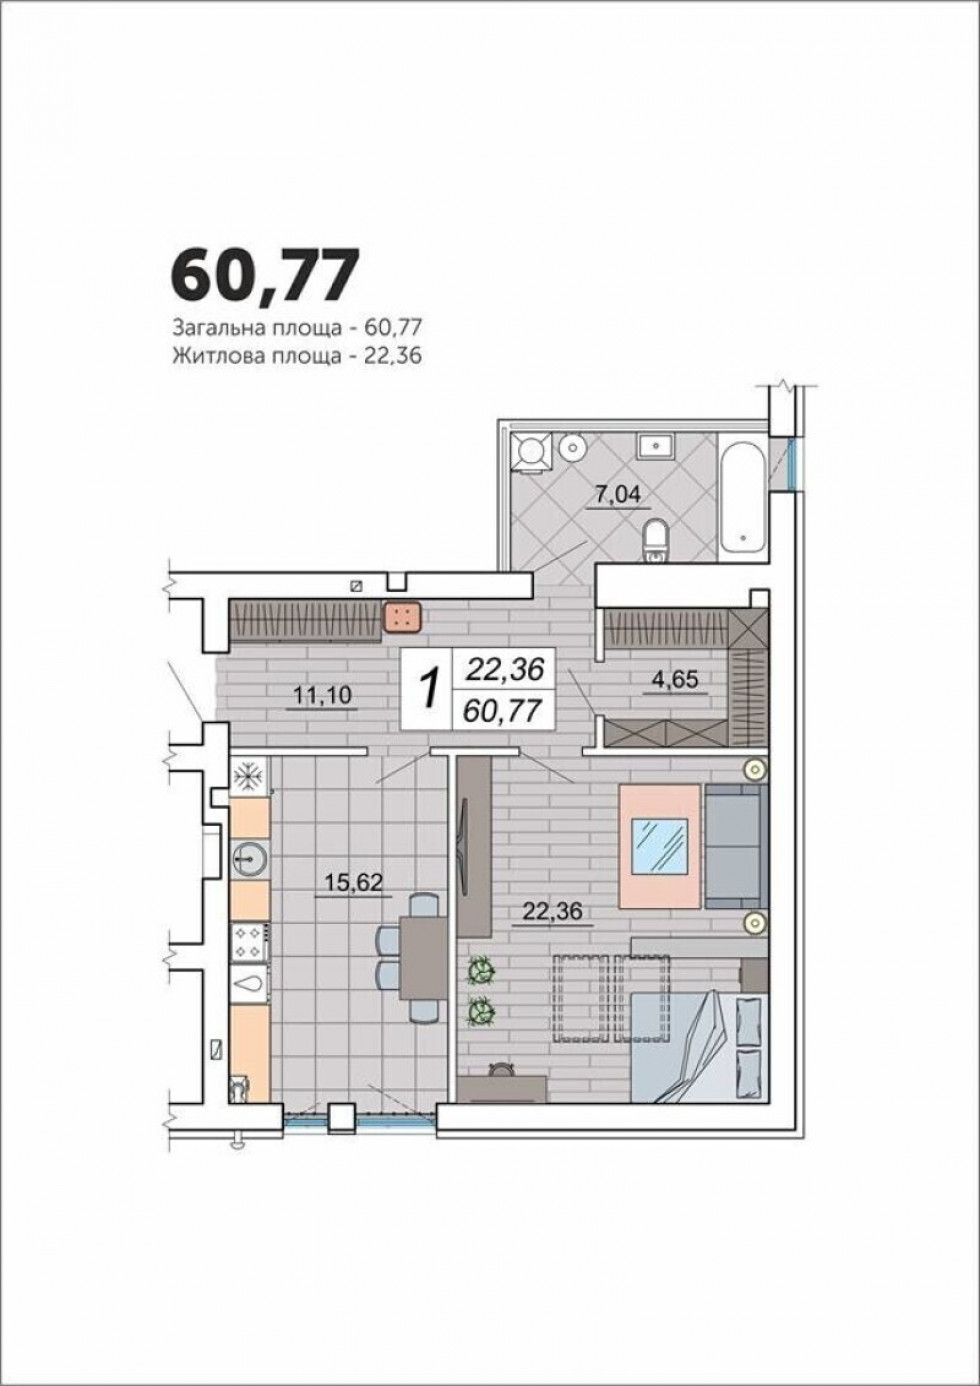 Планування квартири на 60,77 кв.м.